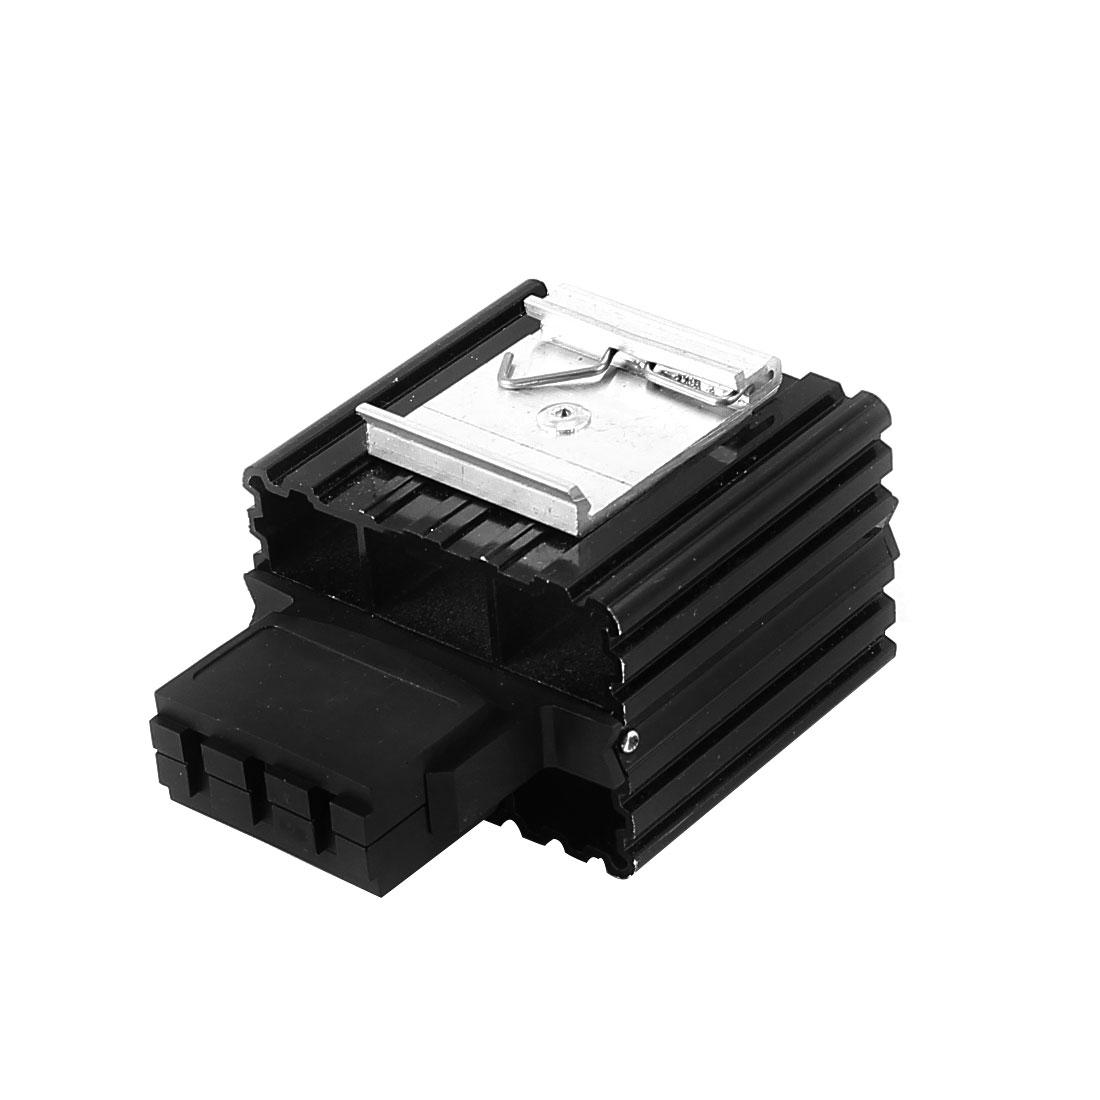 Black Heating Element Heater AC 230V 15W Power 70mmx65mmx47mm